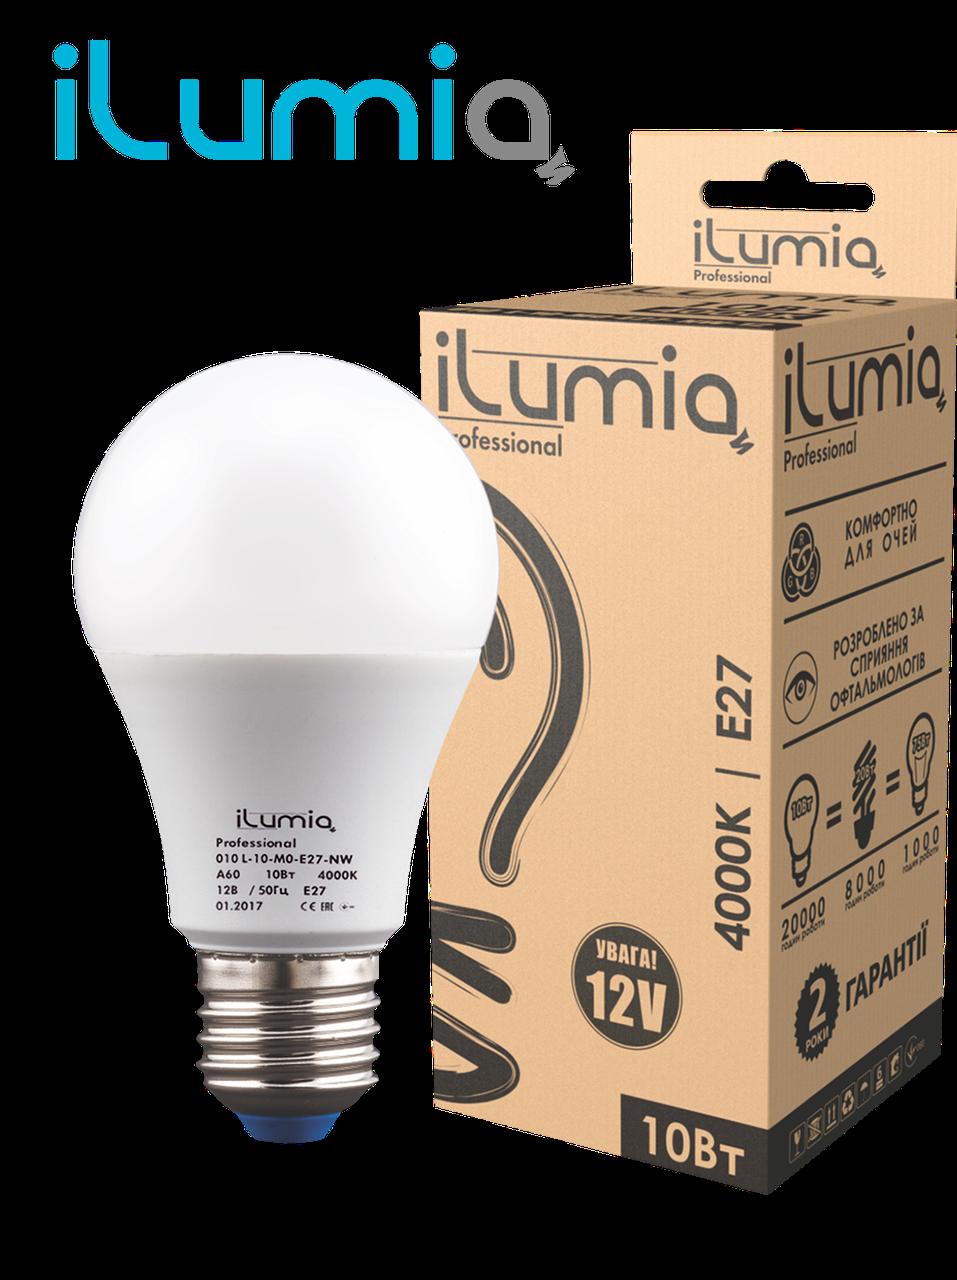 Светодиодная низковольтная лампа 10W 12V iLumia